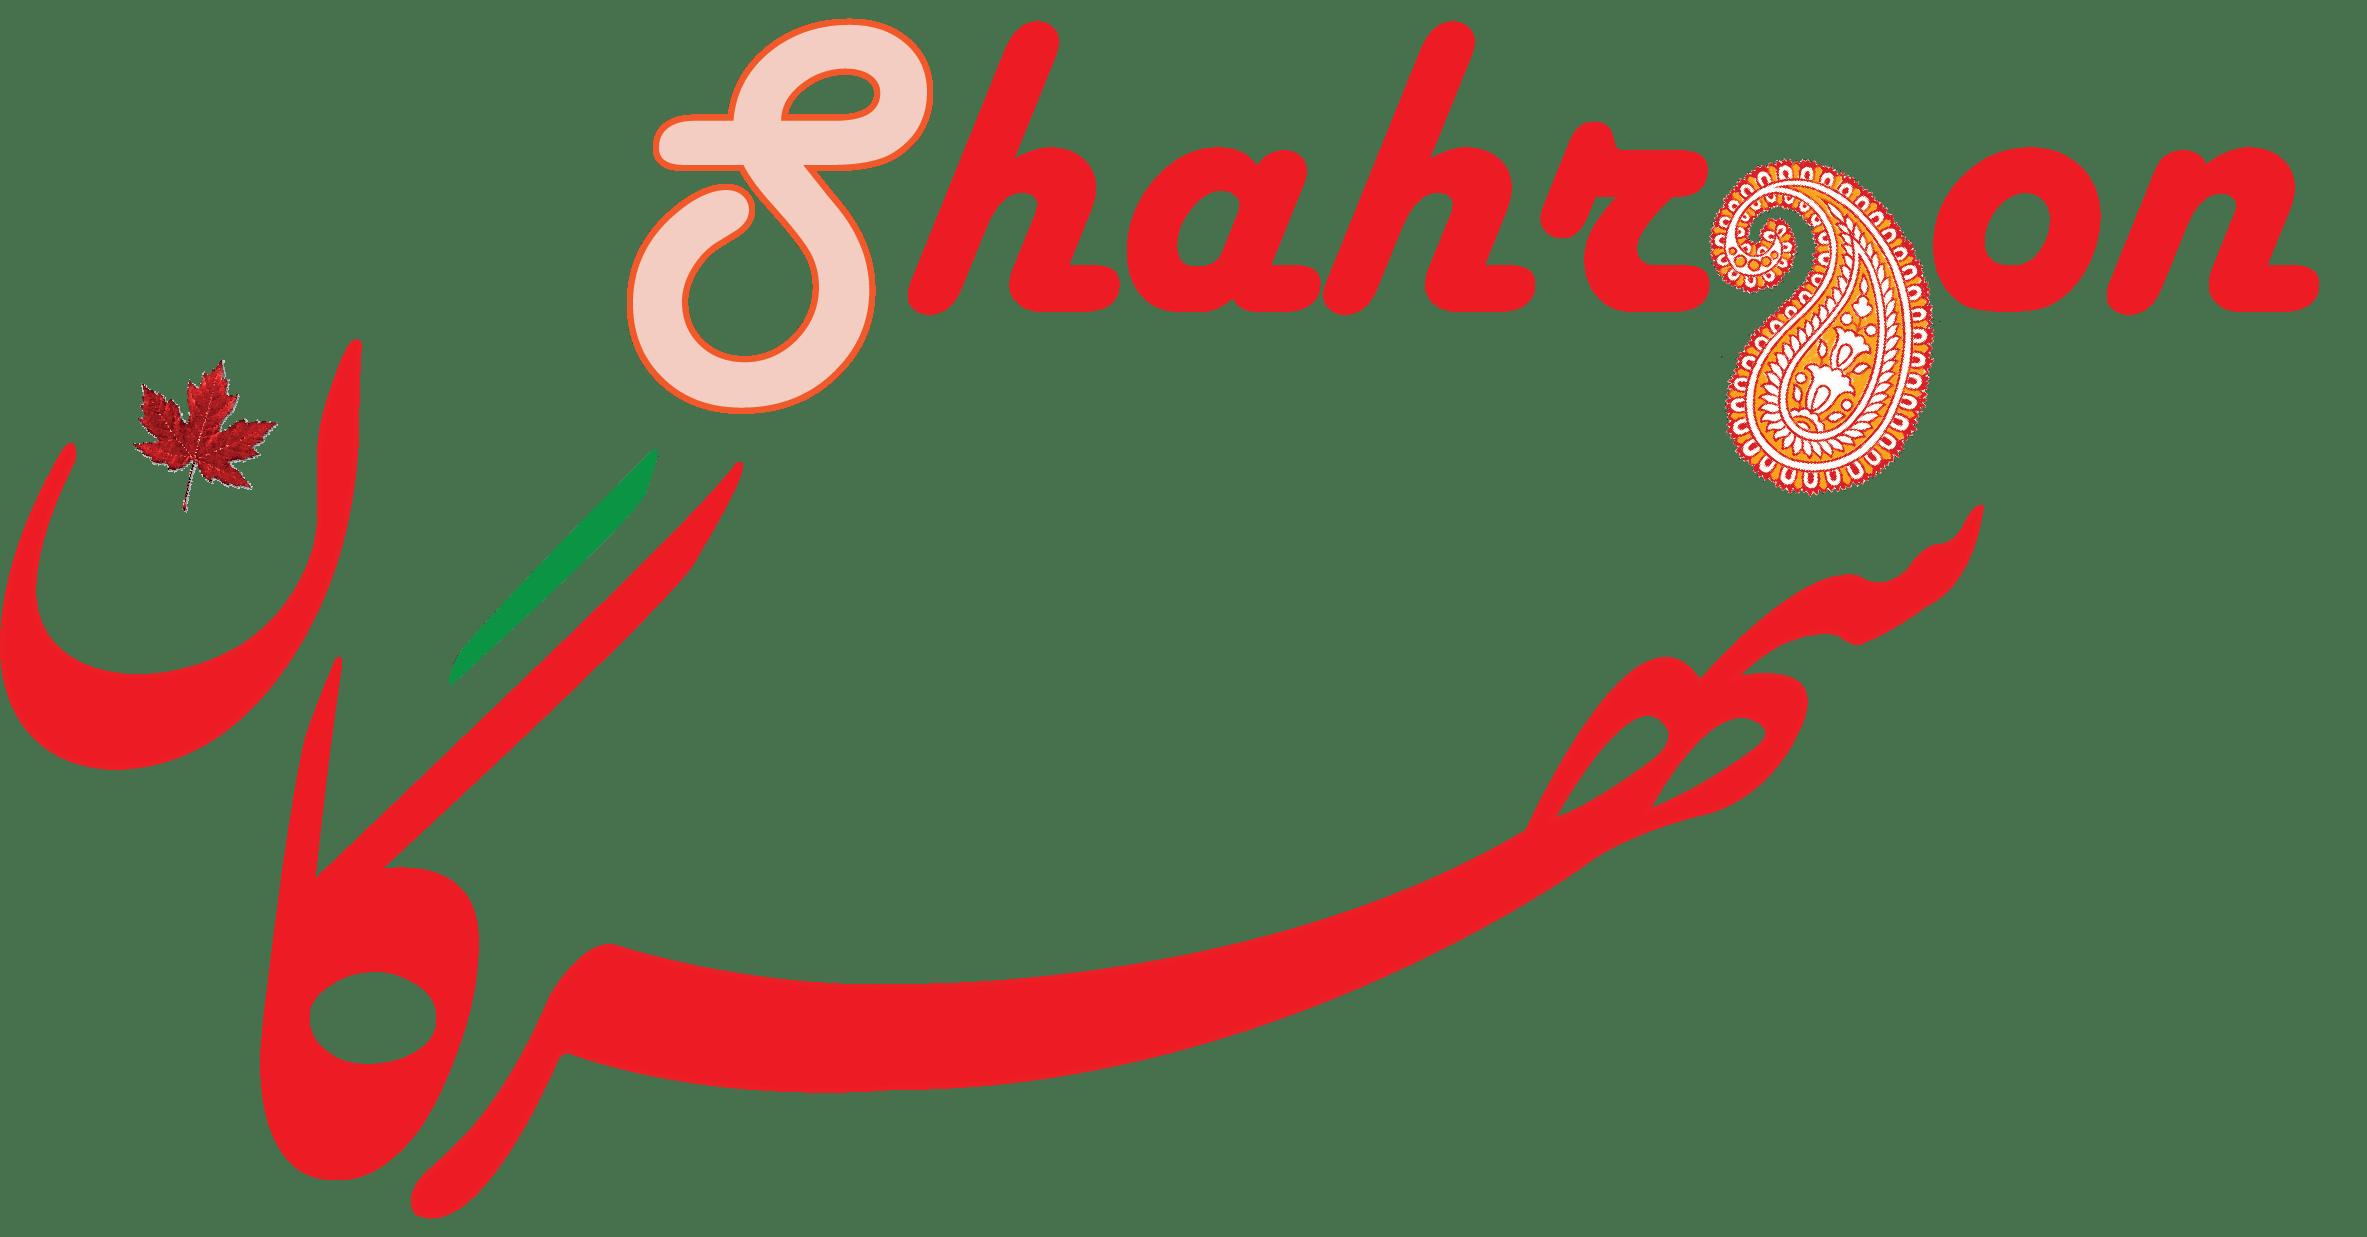 Shahrgon Logo